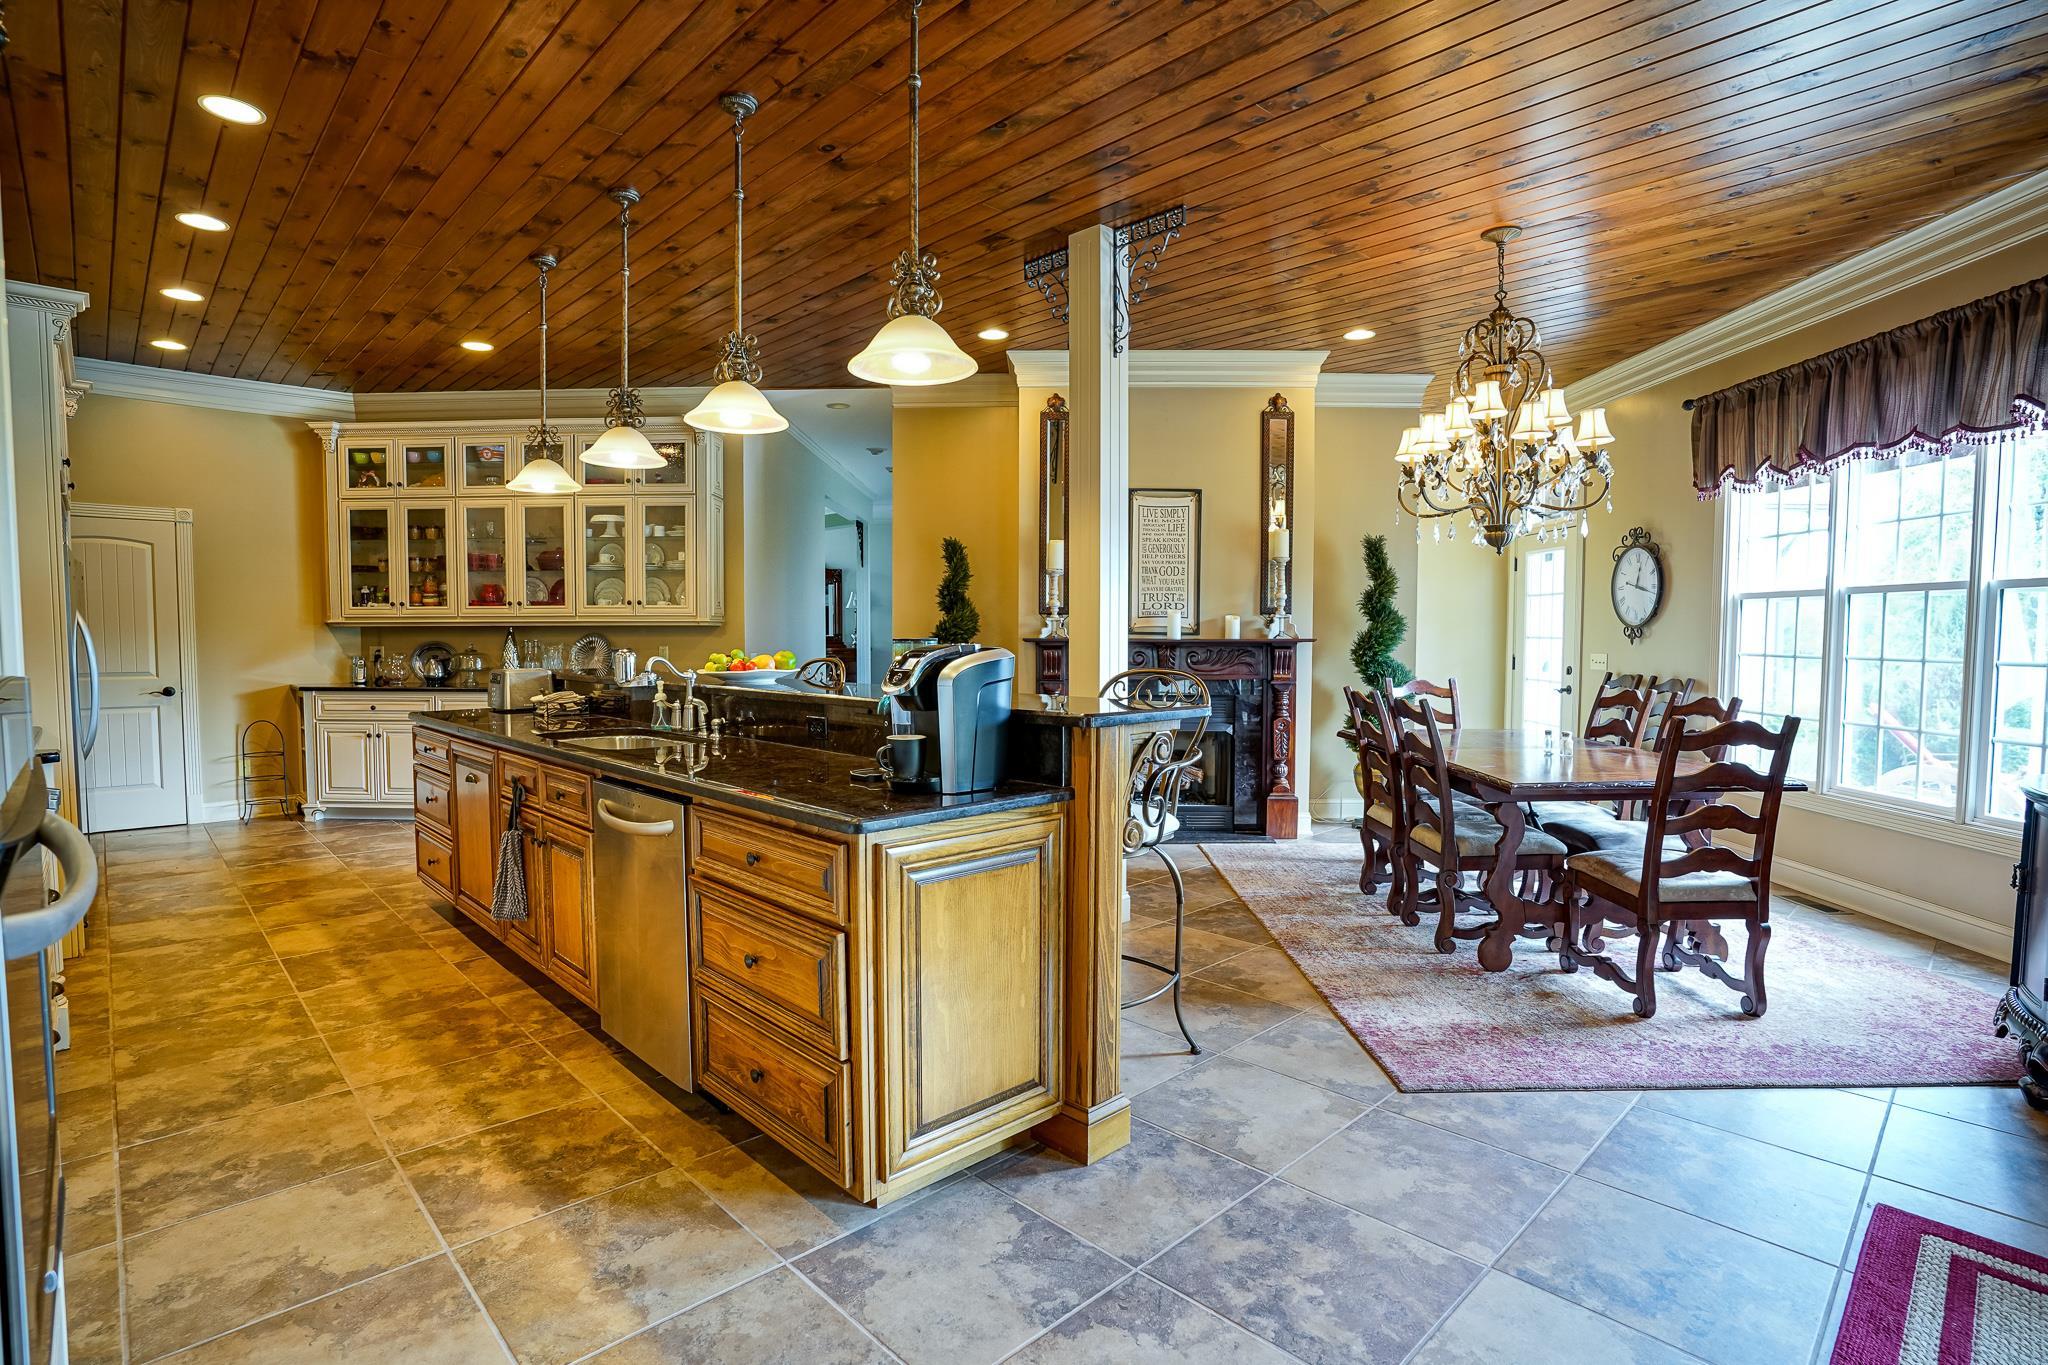 331 Pleasant Valley Rd, Ethridge, TN 38456 - Ethridge, TN real estate listing